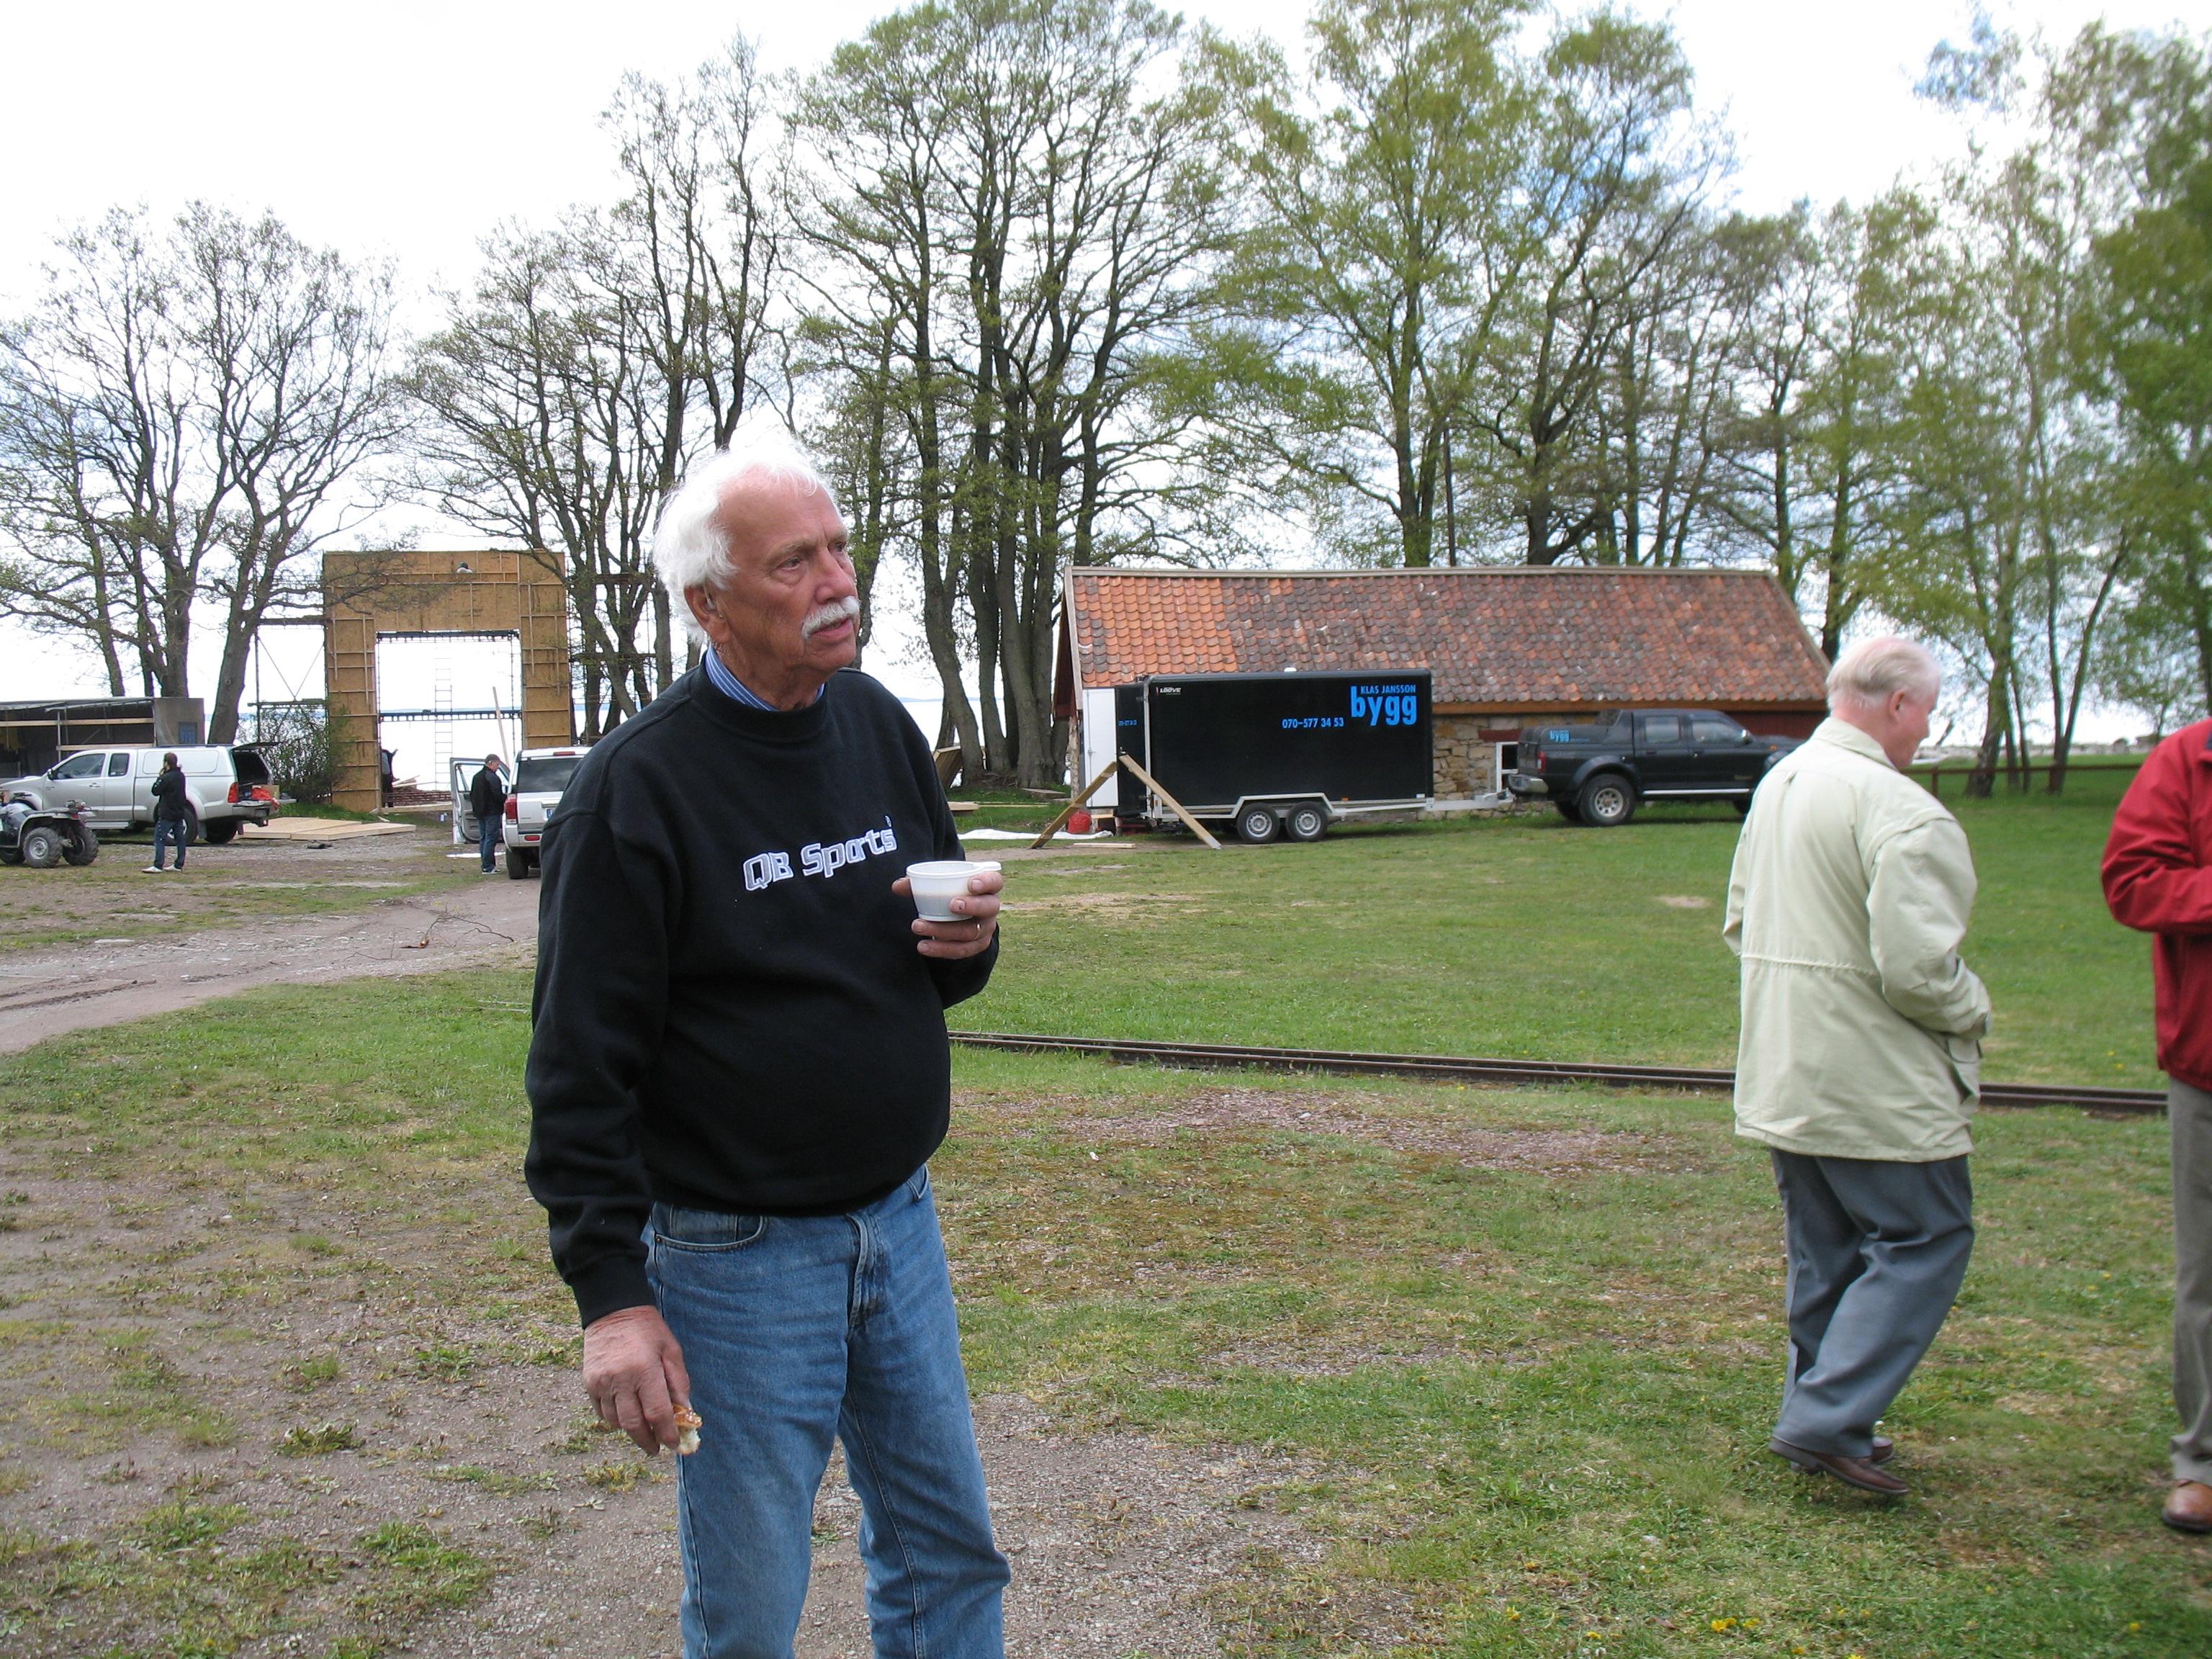 2007 Rubens och Råbäcks stenhuggeri - 24